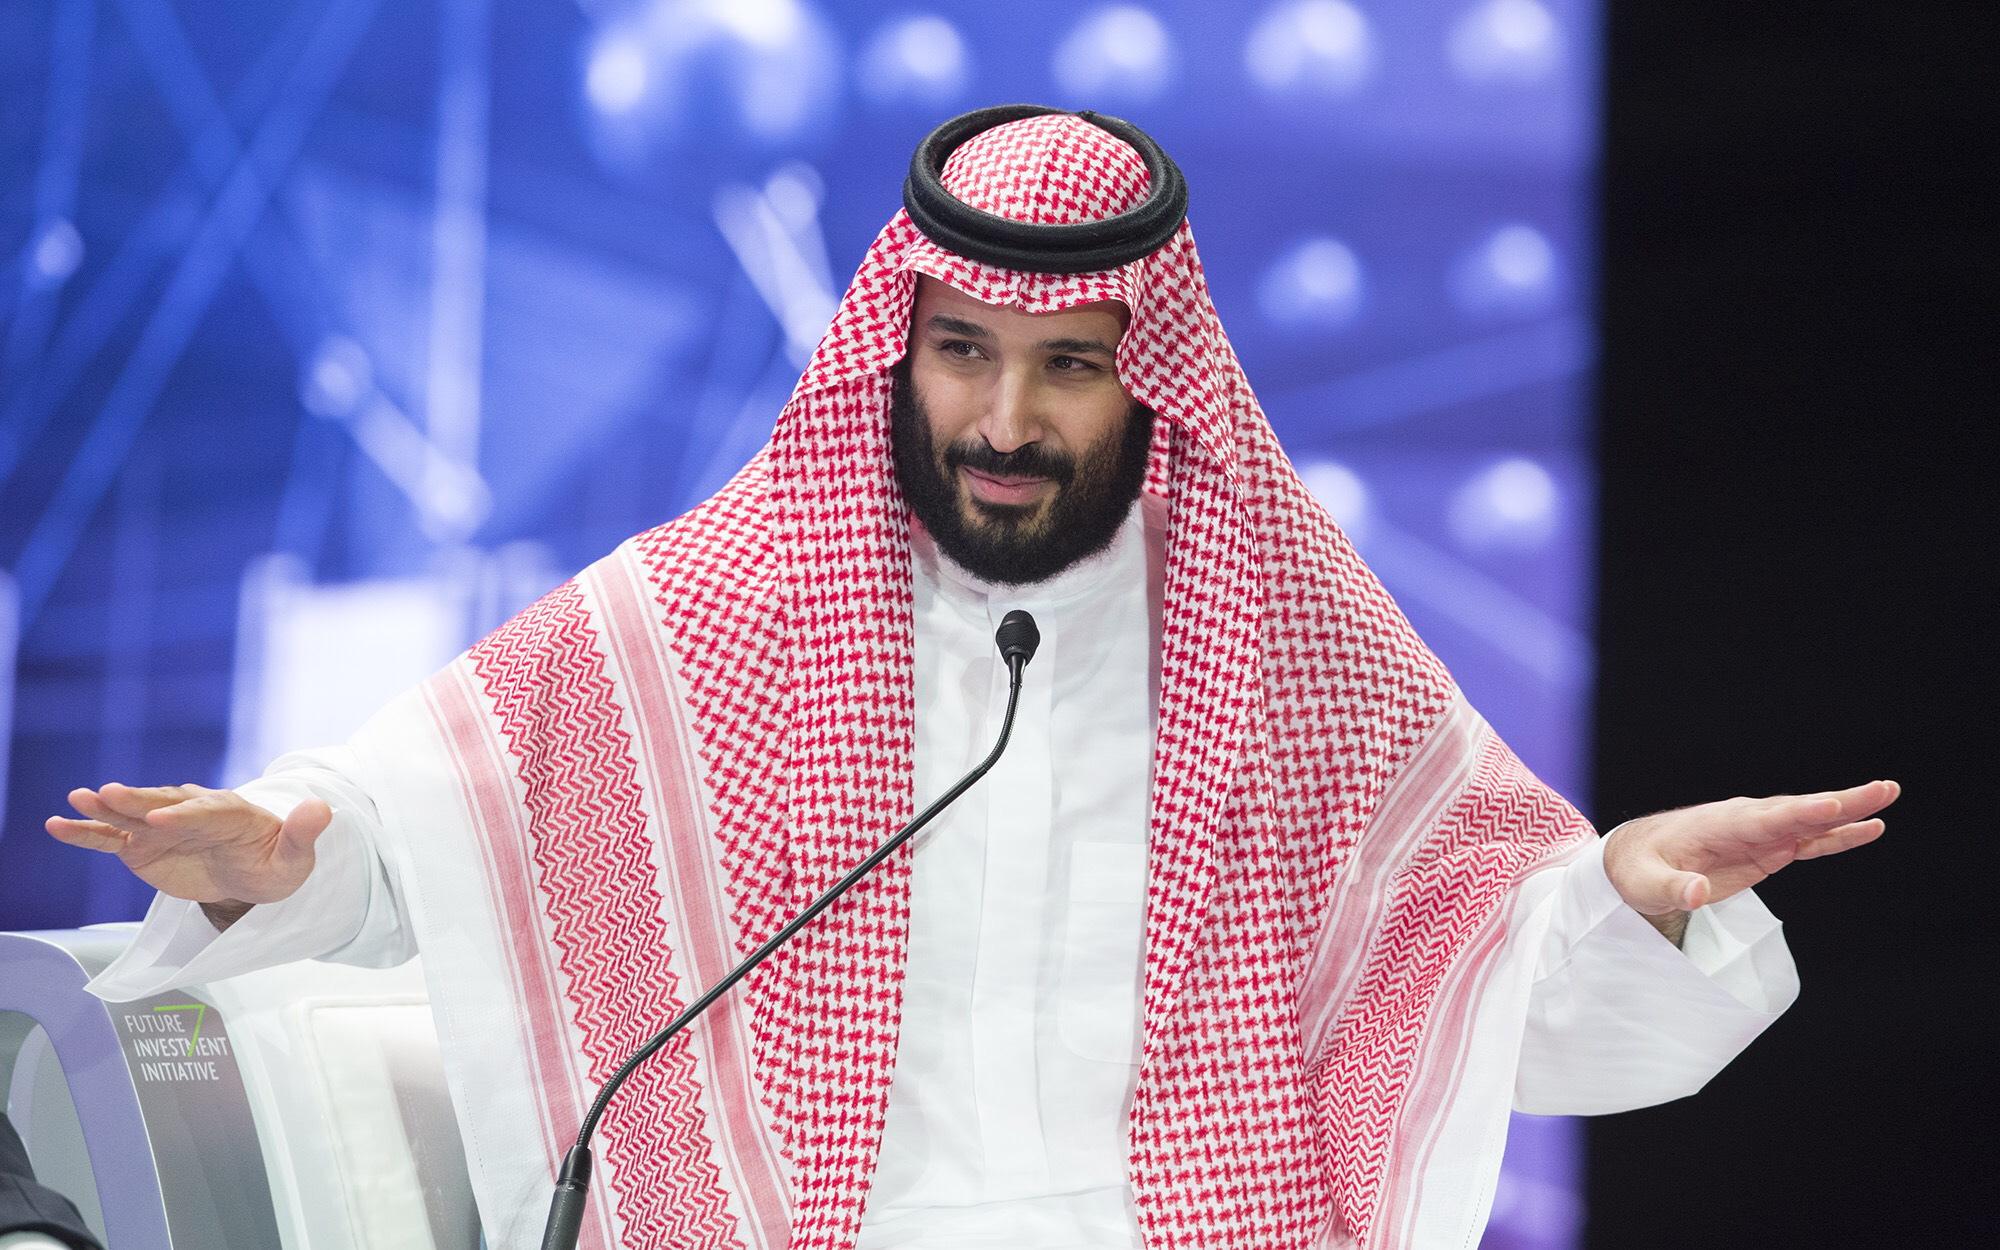 Saudijskog princa otac poslao na turneju nakon afere s ubojstvom Khashoggija